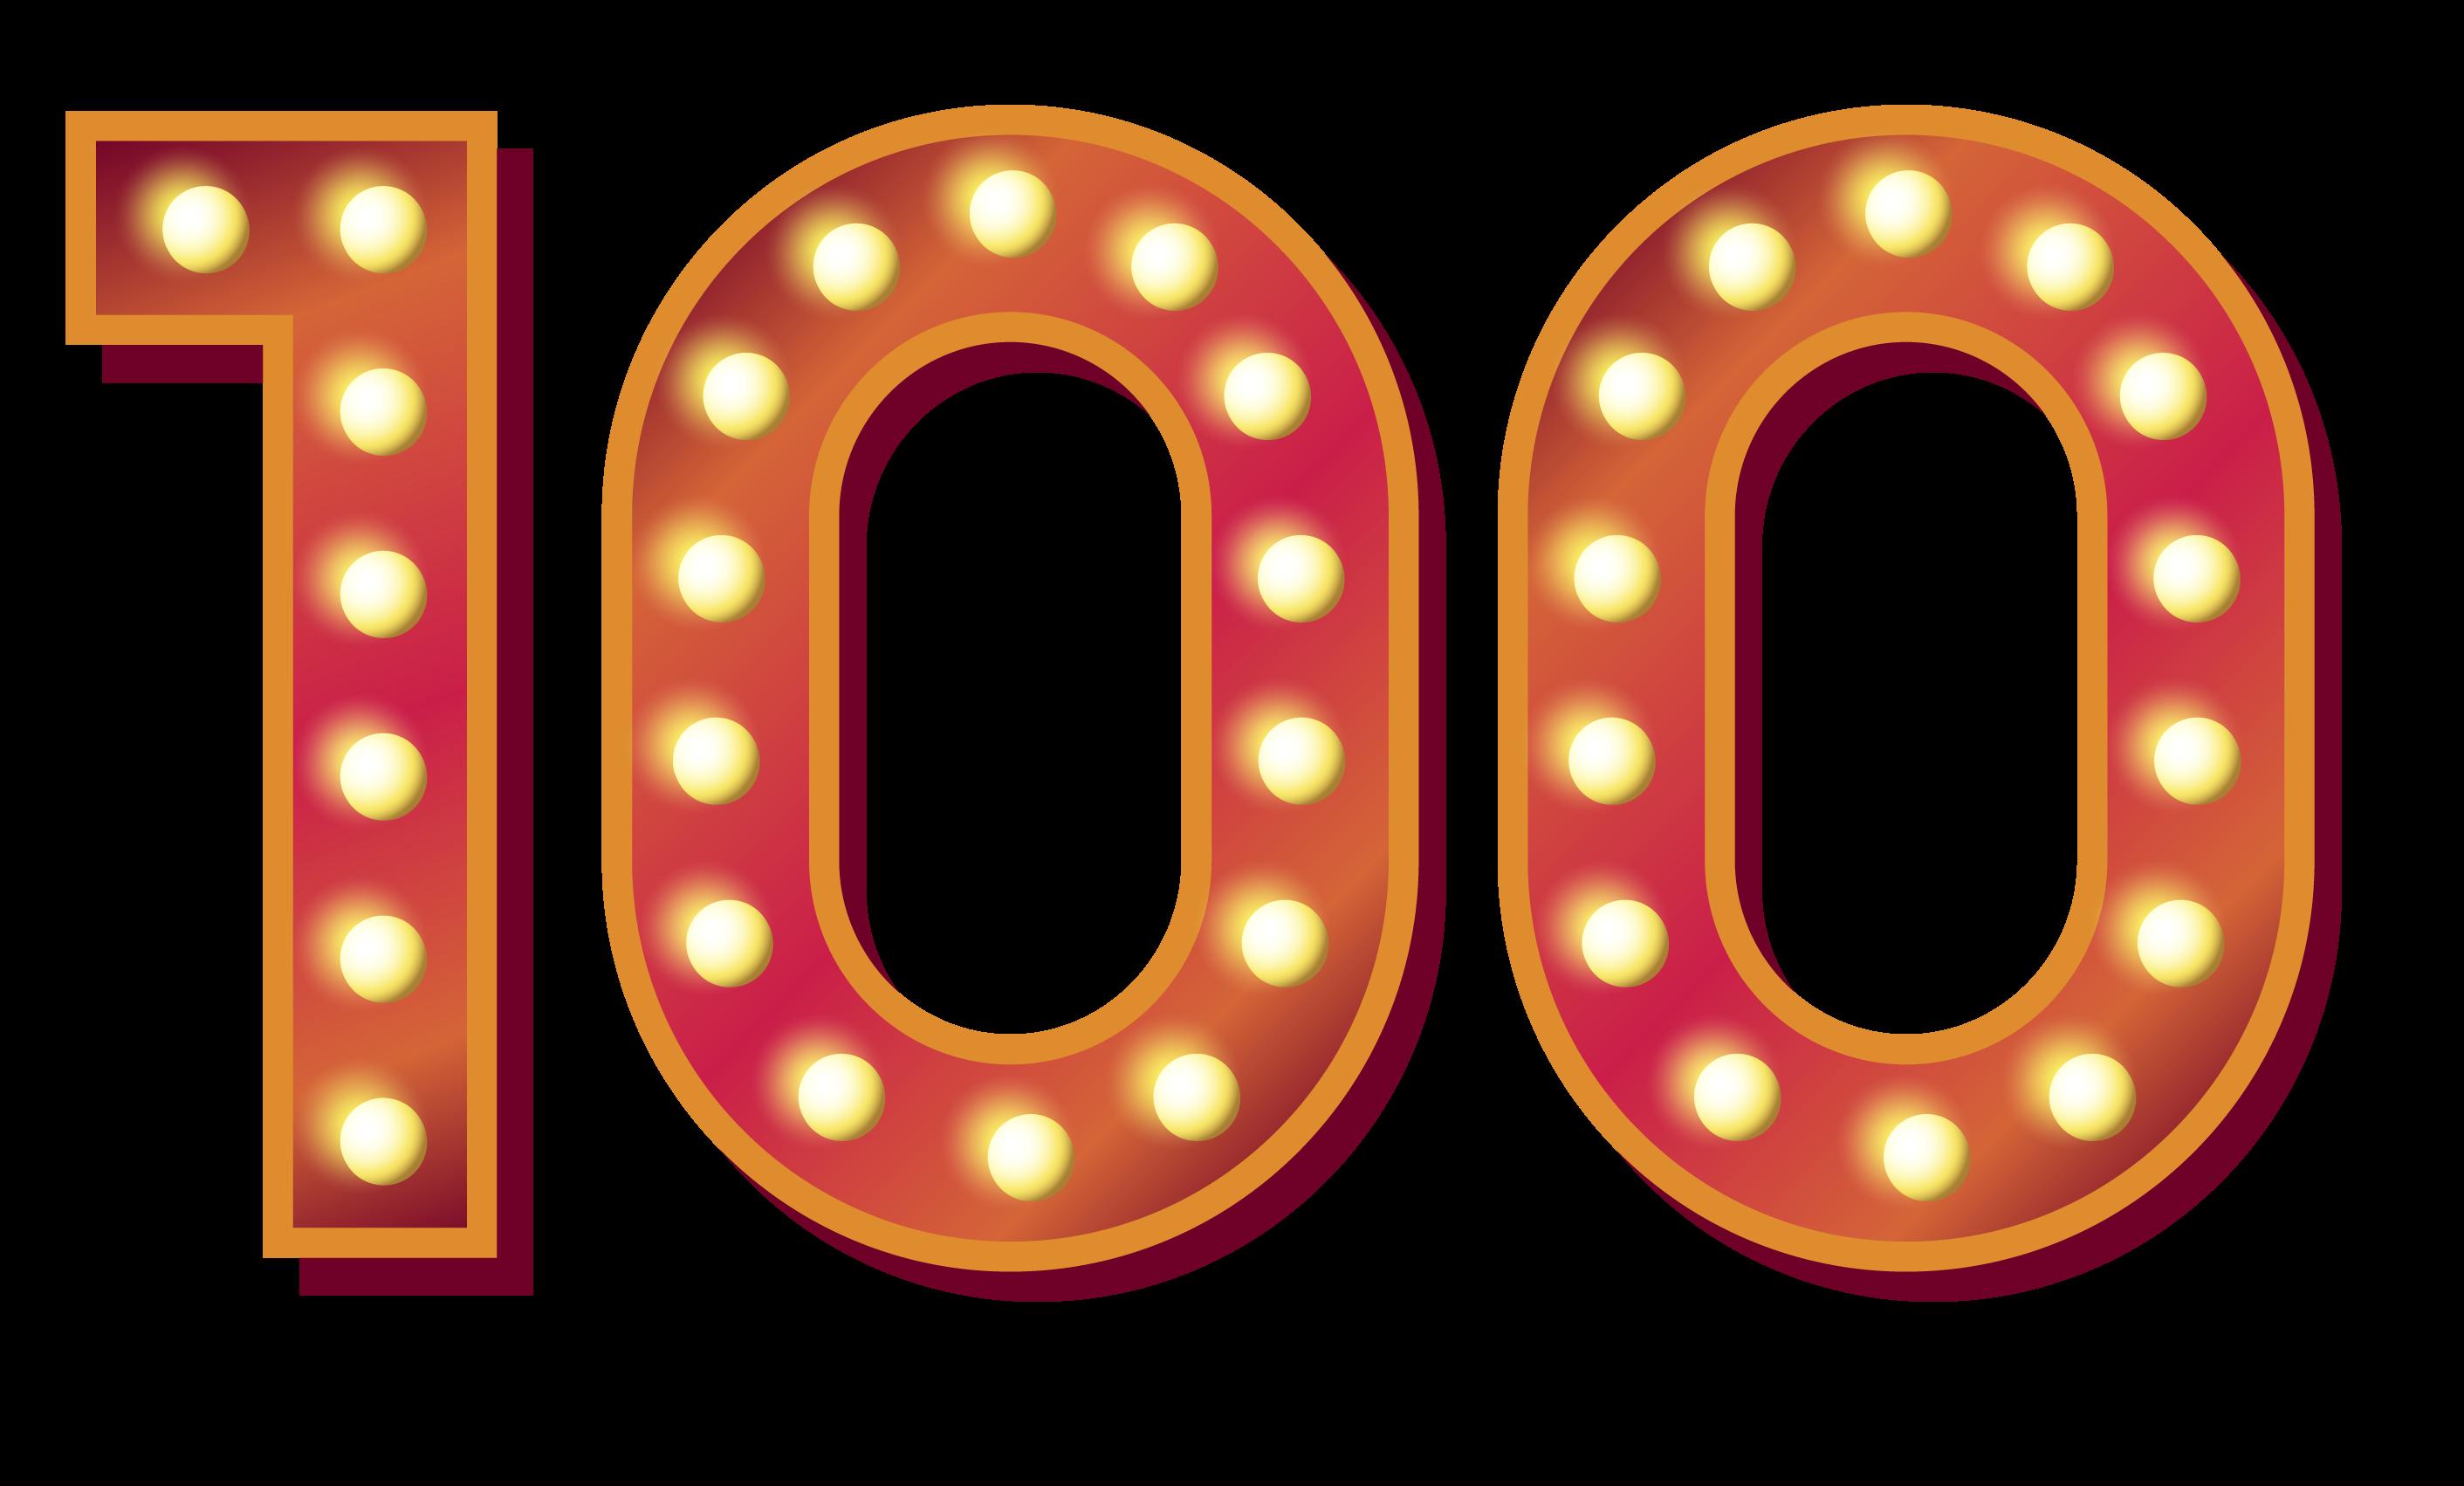 100 Number PNG Images Transparent Background.